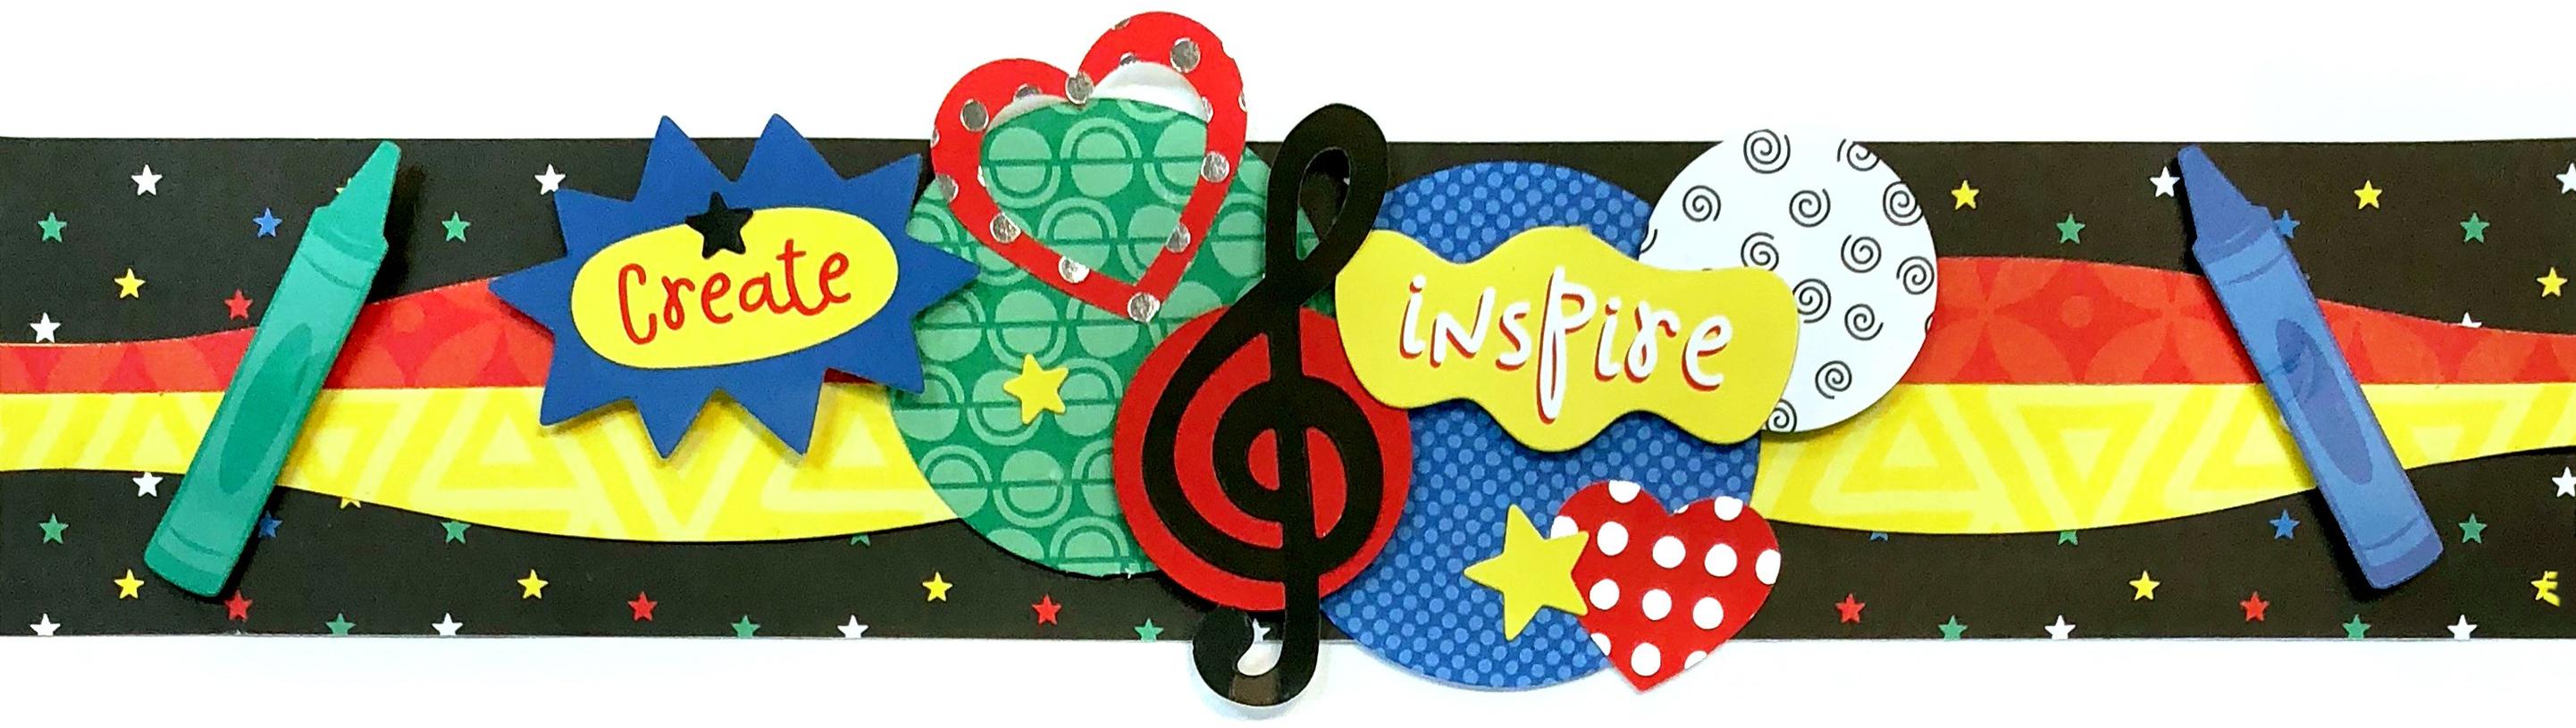 essentials-school-scrapbook-border-creative-memories.jpg